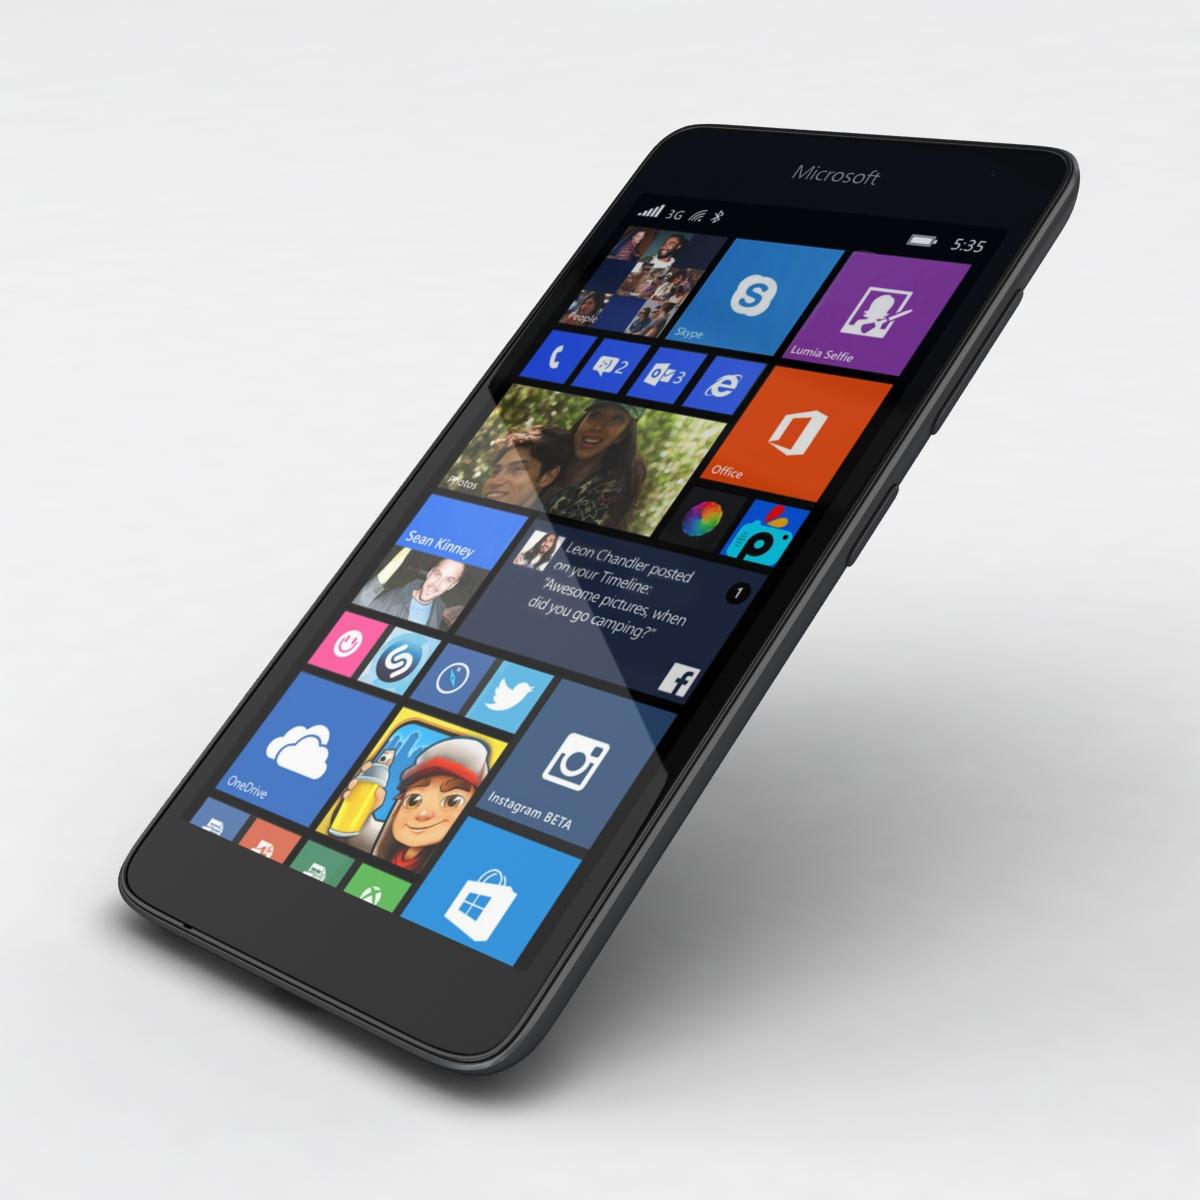 microsoft lumia 535 and dual sim gray 3d model 3ds max fbx c4d obj 204474